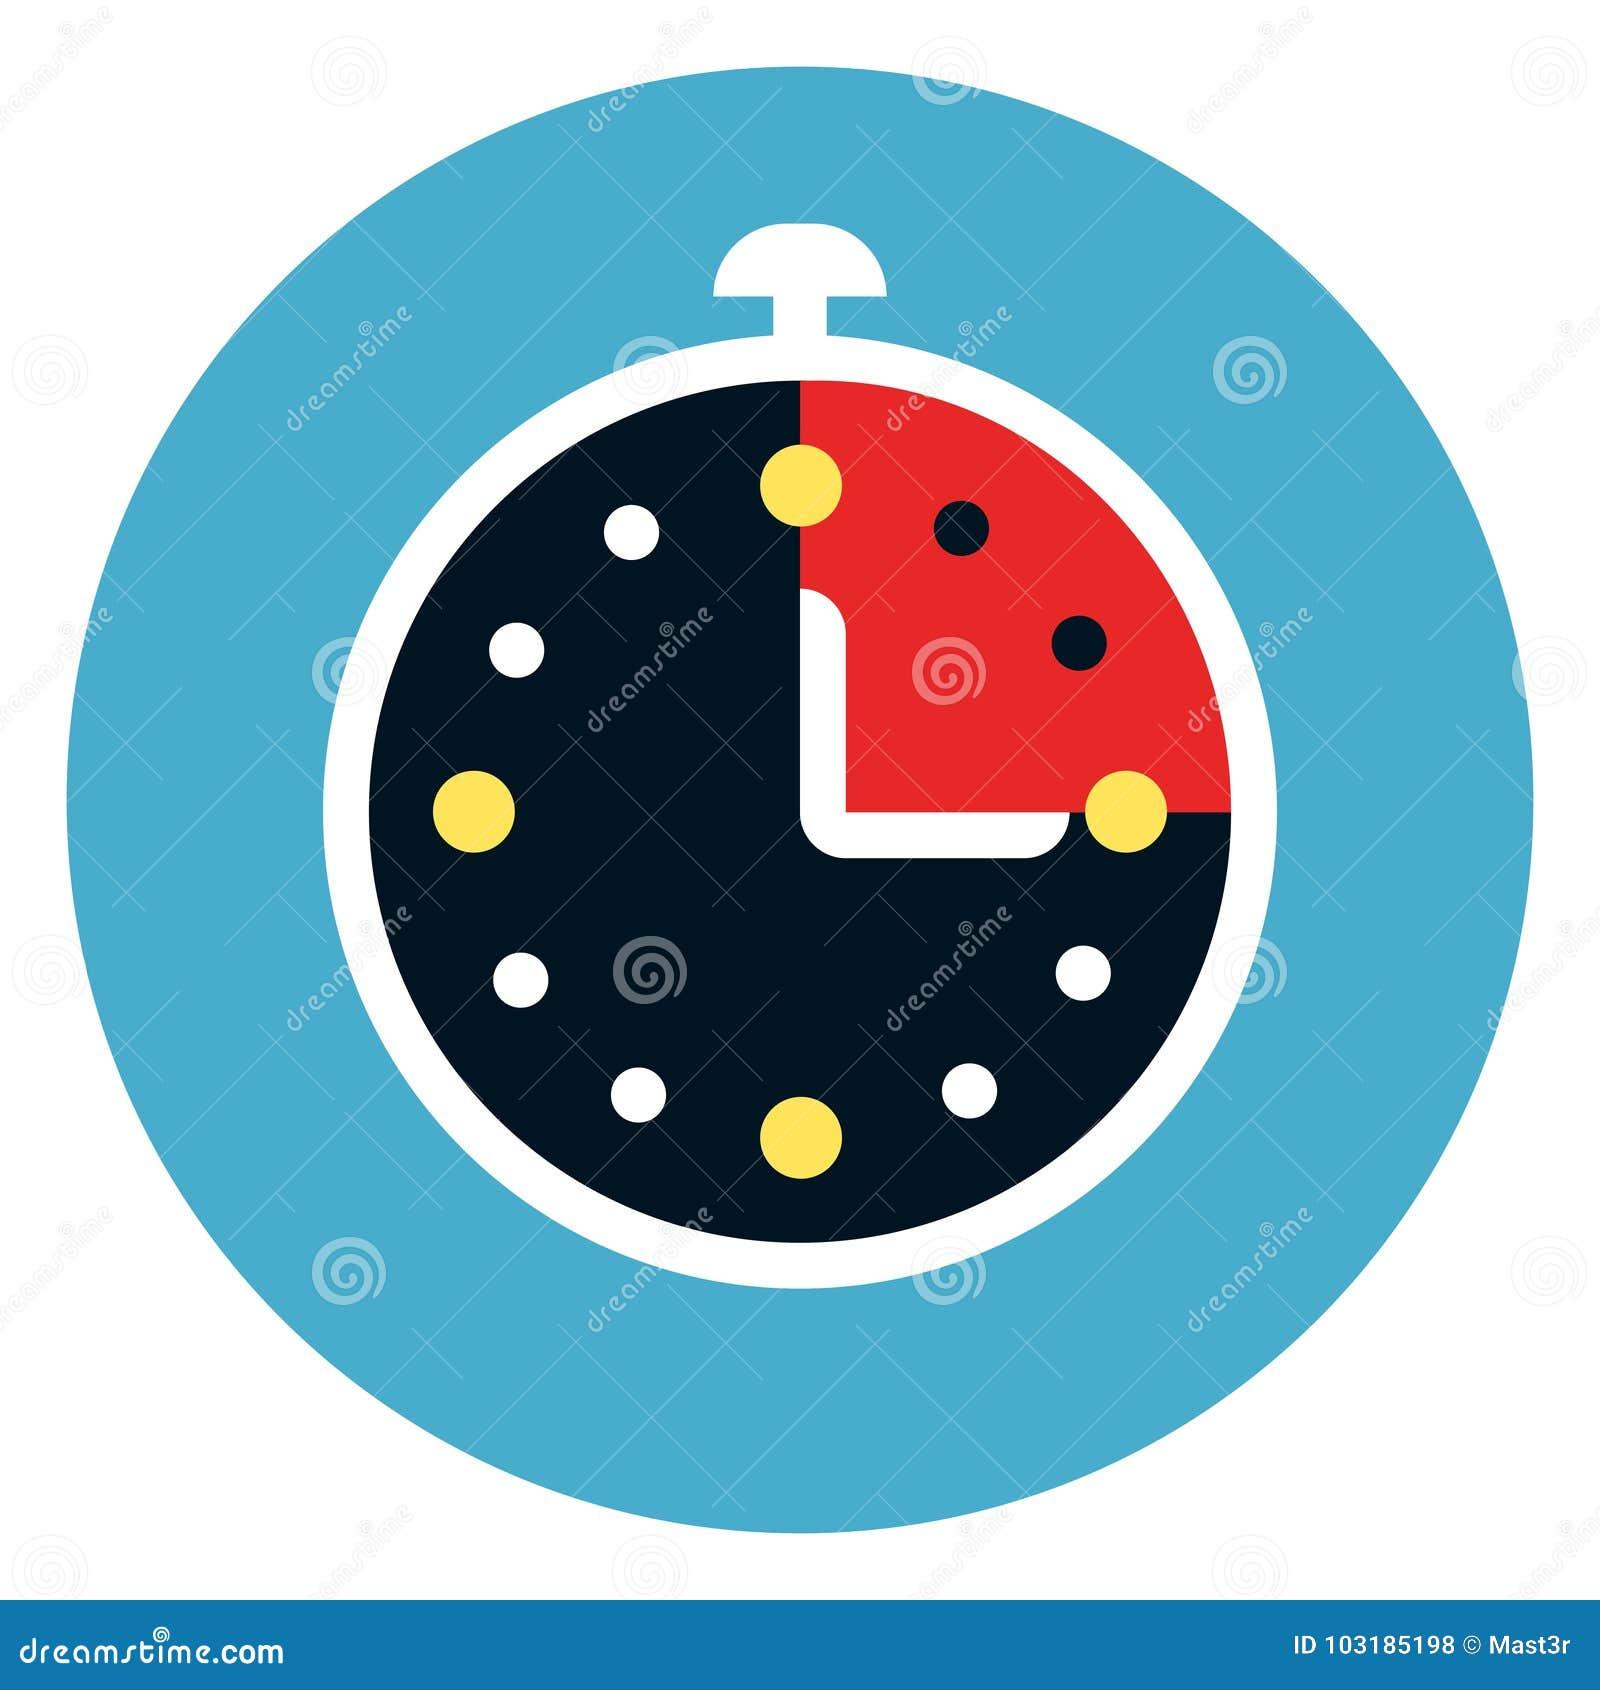 Stoppuhr-Ikone auf rundem blauem Hintergrund